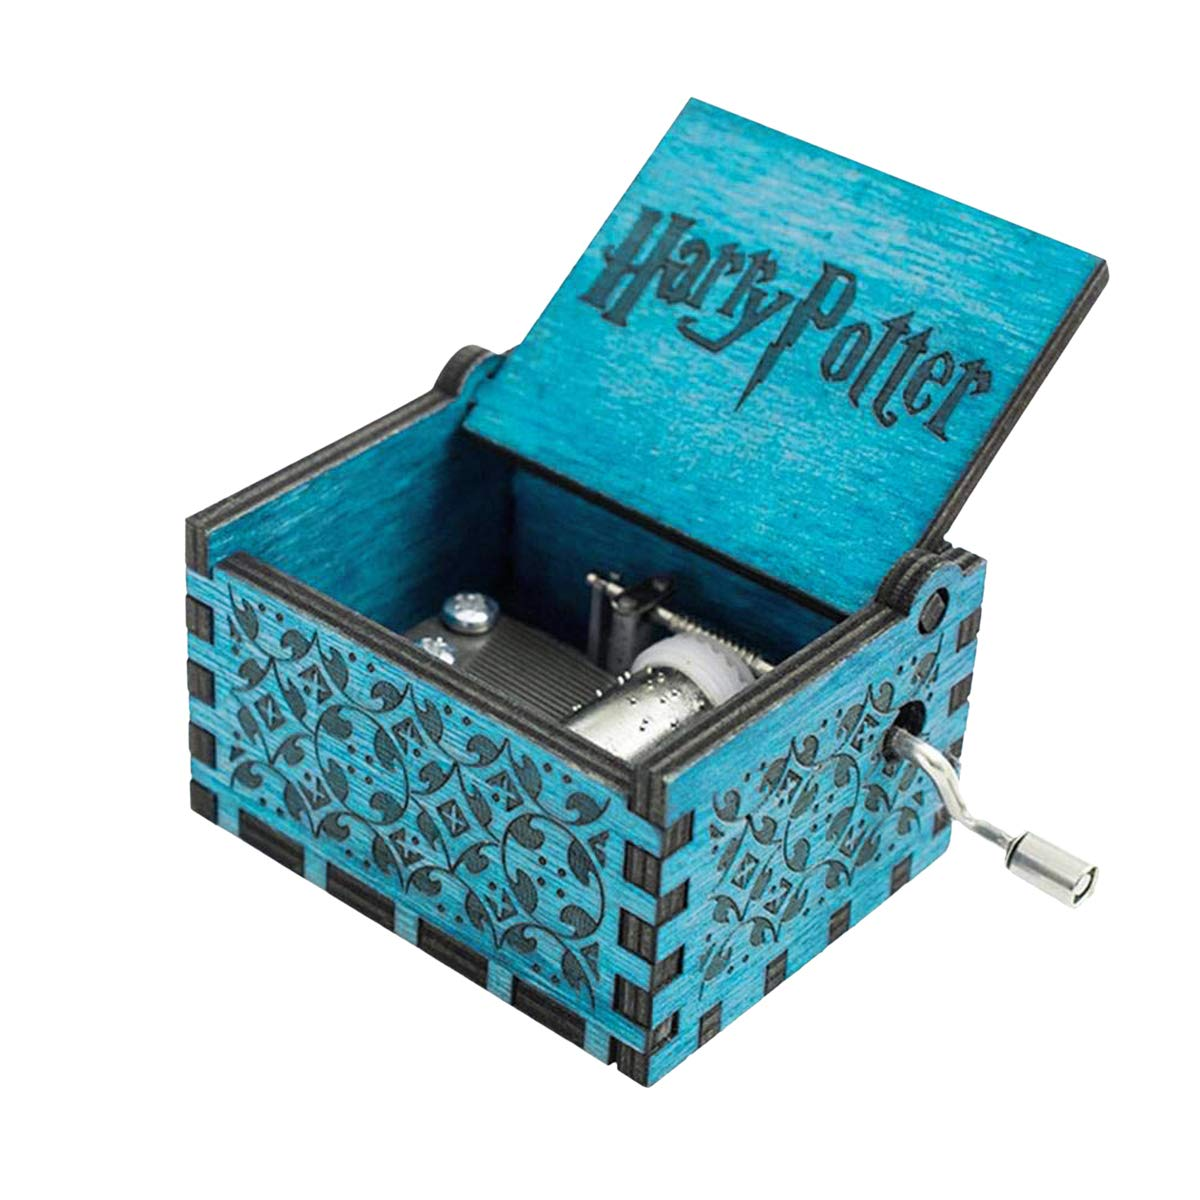 Surenhap Caja de m/úsica de Madera Premier de Harry Potter Caja Personalizada de Magic Personalizada Regalos para los fan/áticos Ni/ños